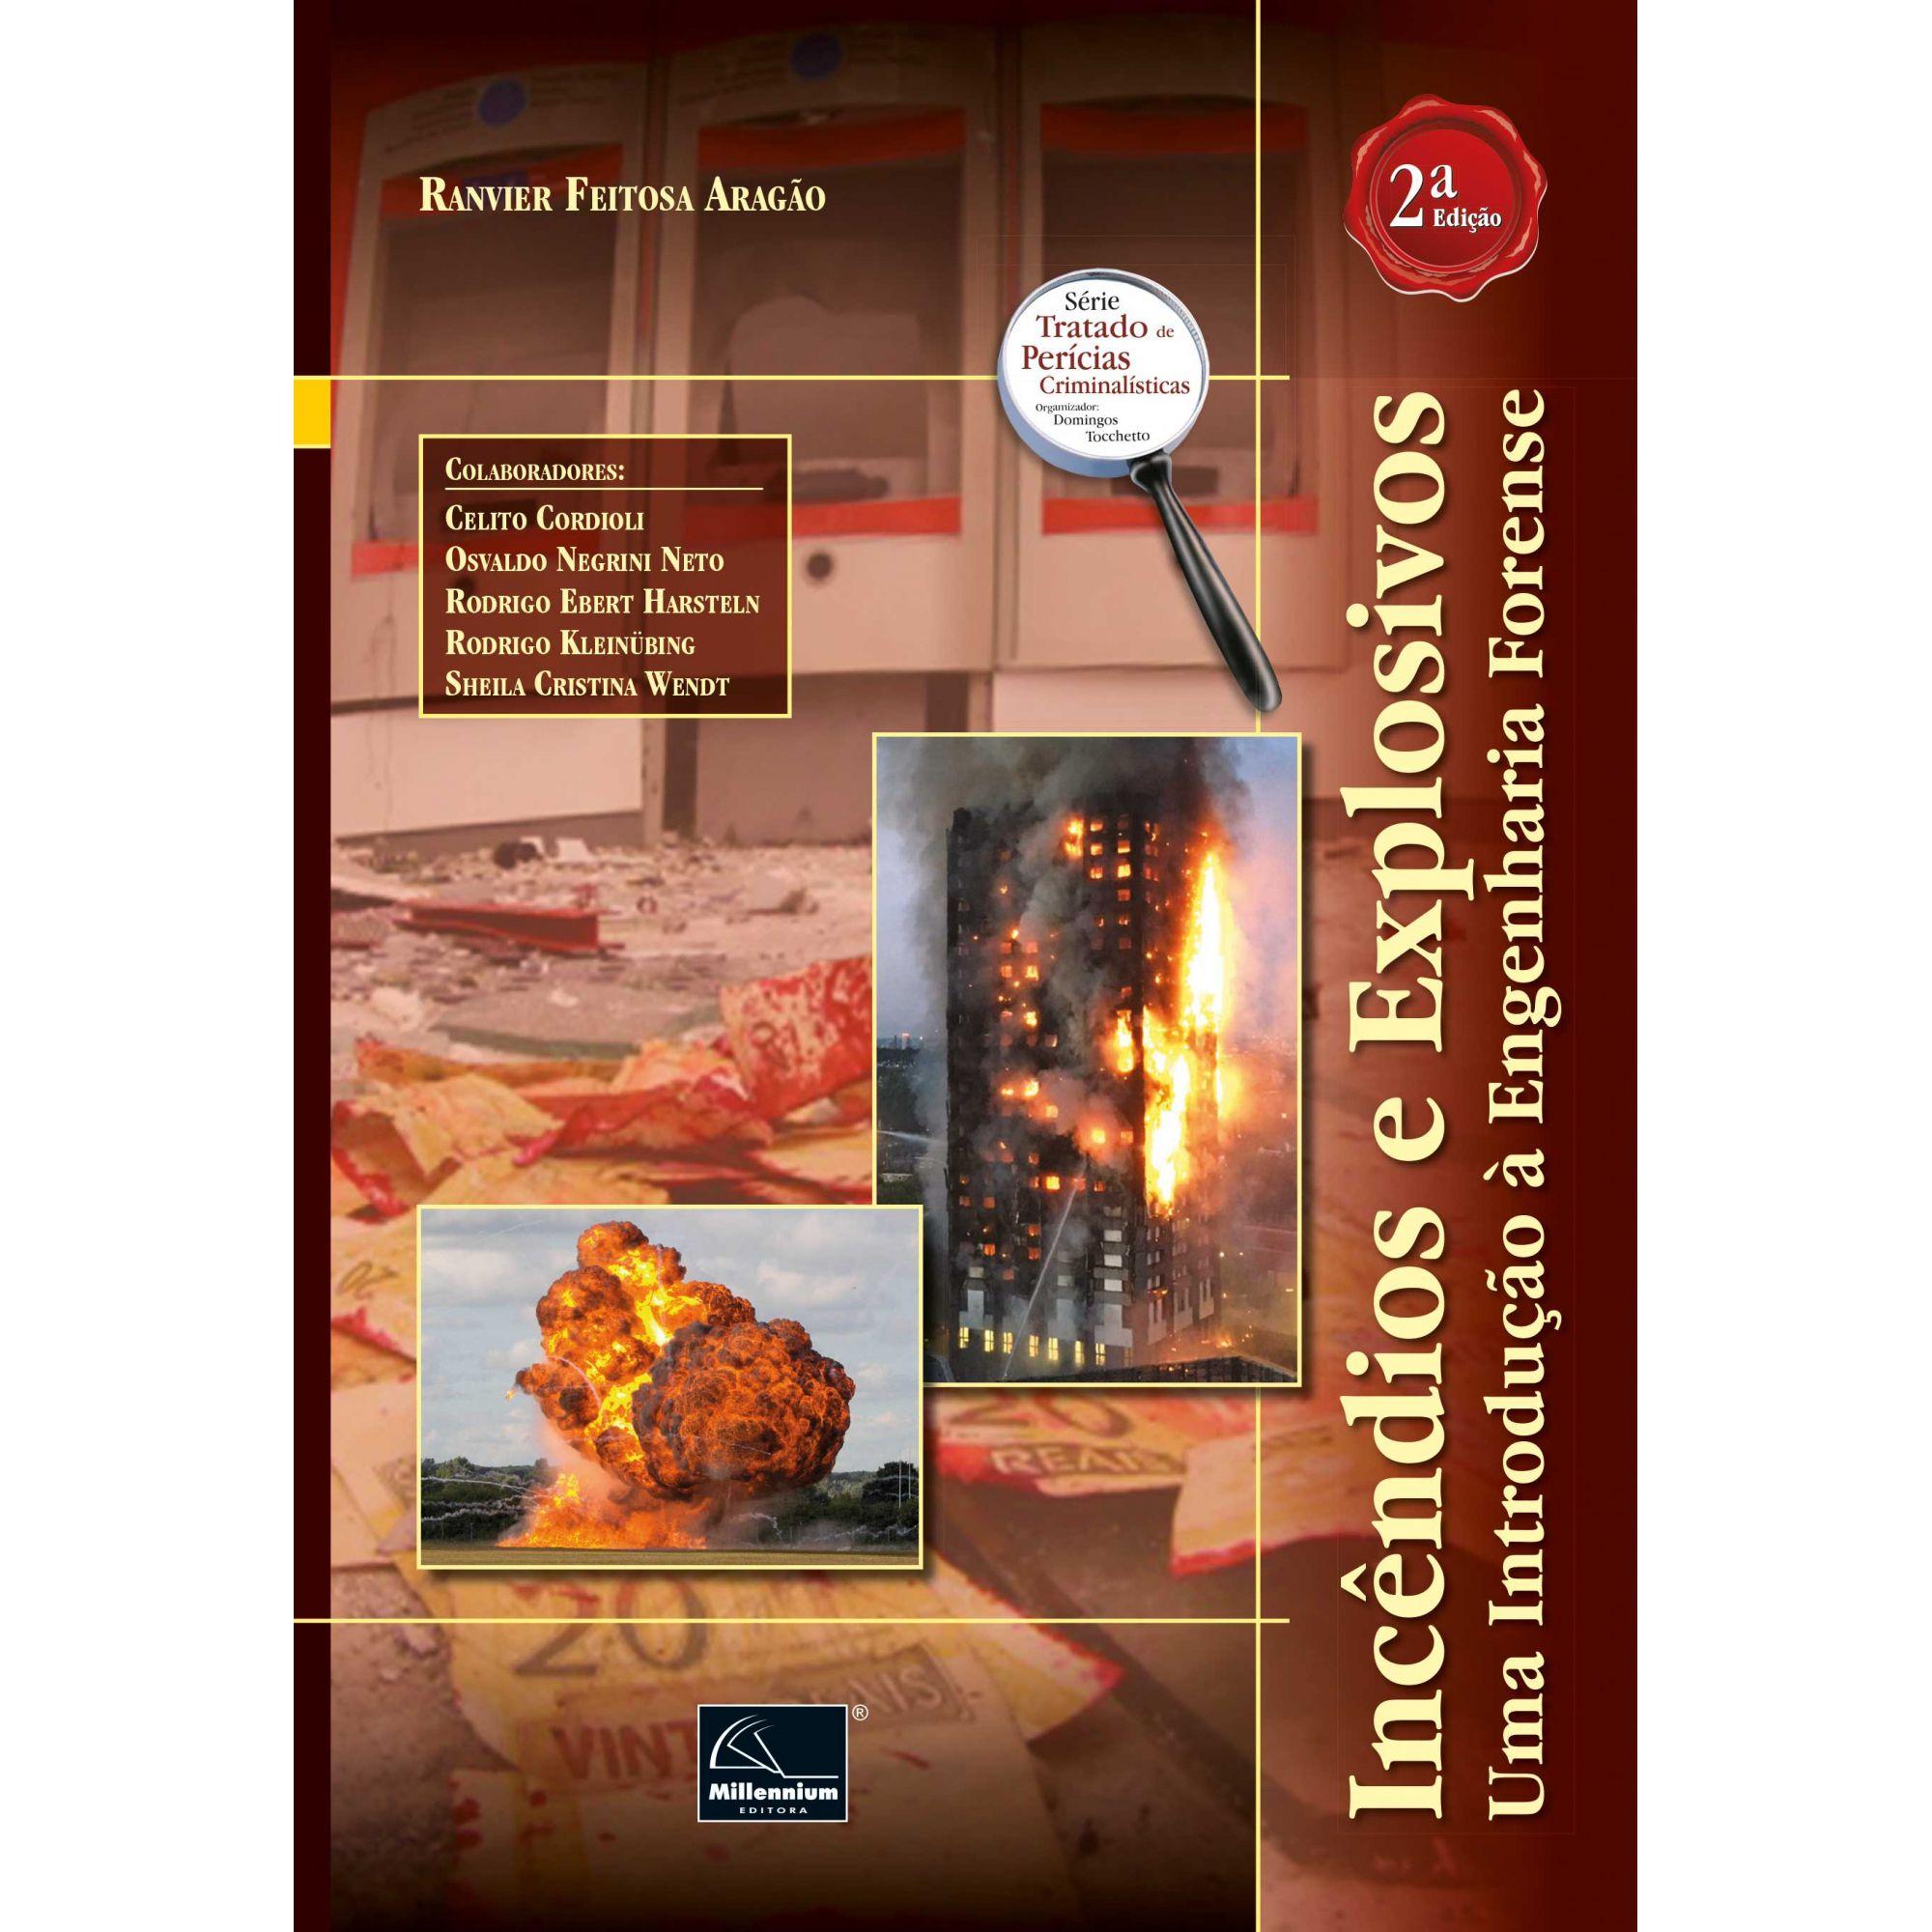 Incêndios e Explosivos: Uma Introdução à Engenharia Forense 2ª Edição <b>Autor: Ravier Feitosa Aragão</b>  - Millennium Editora